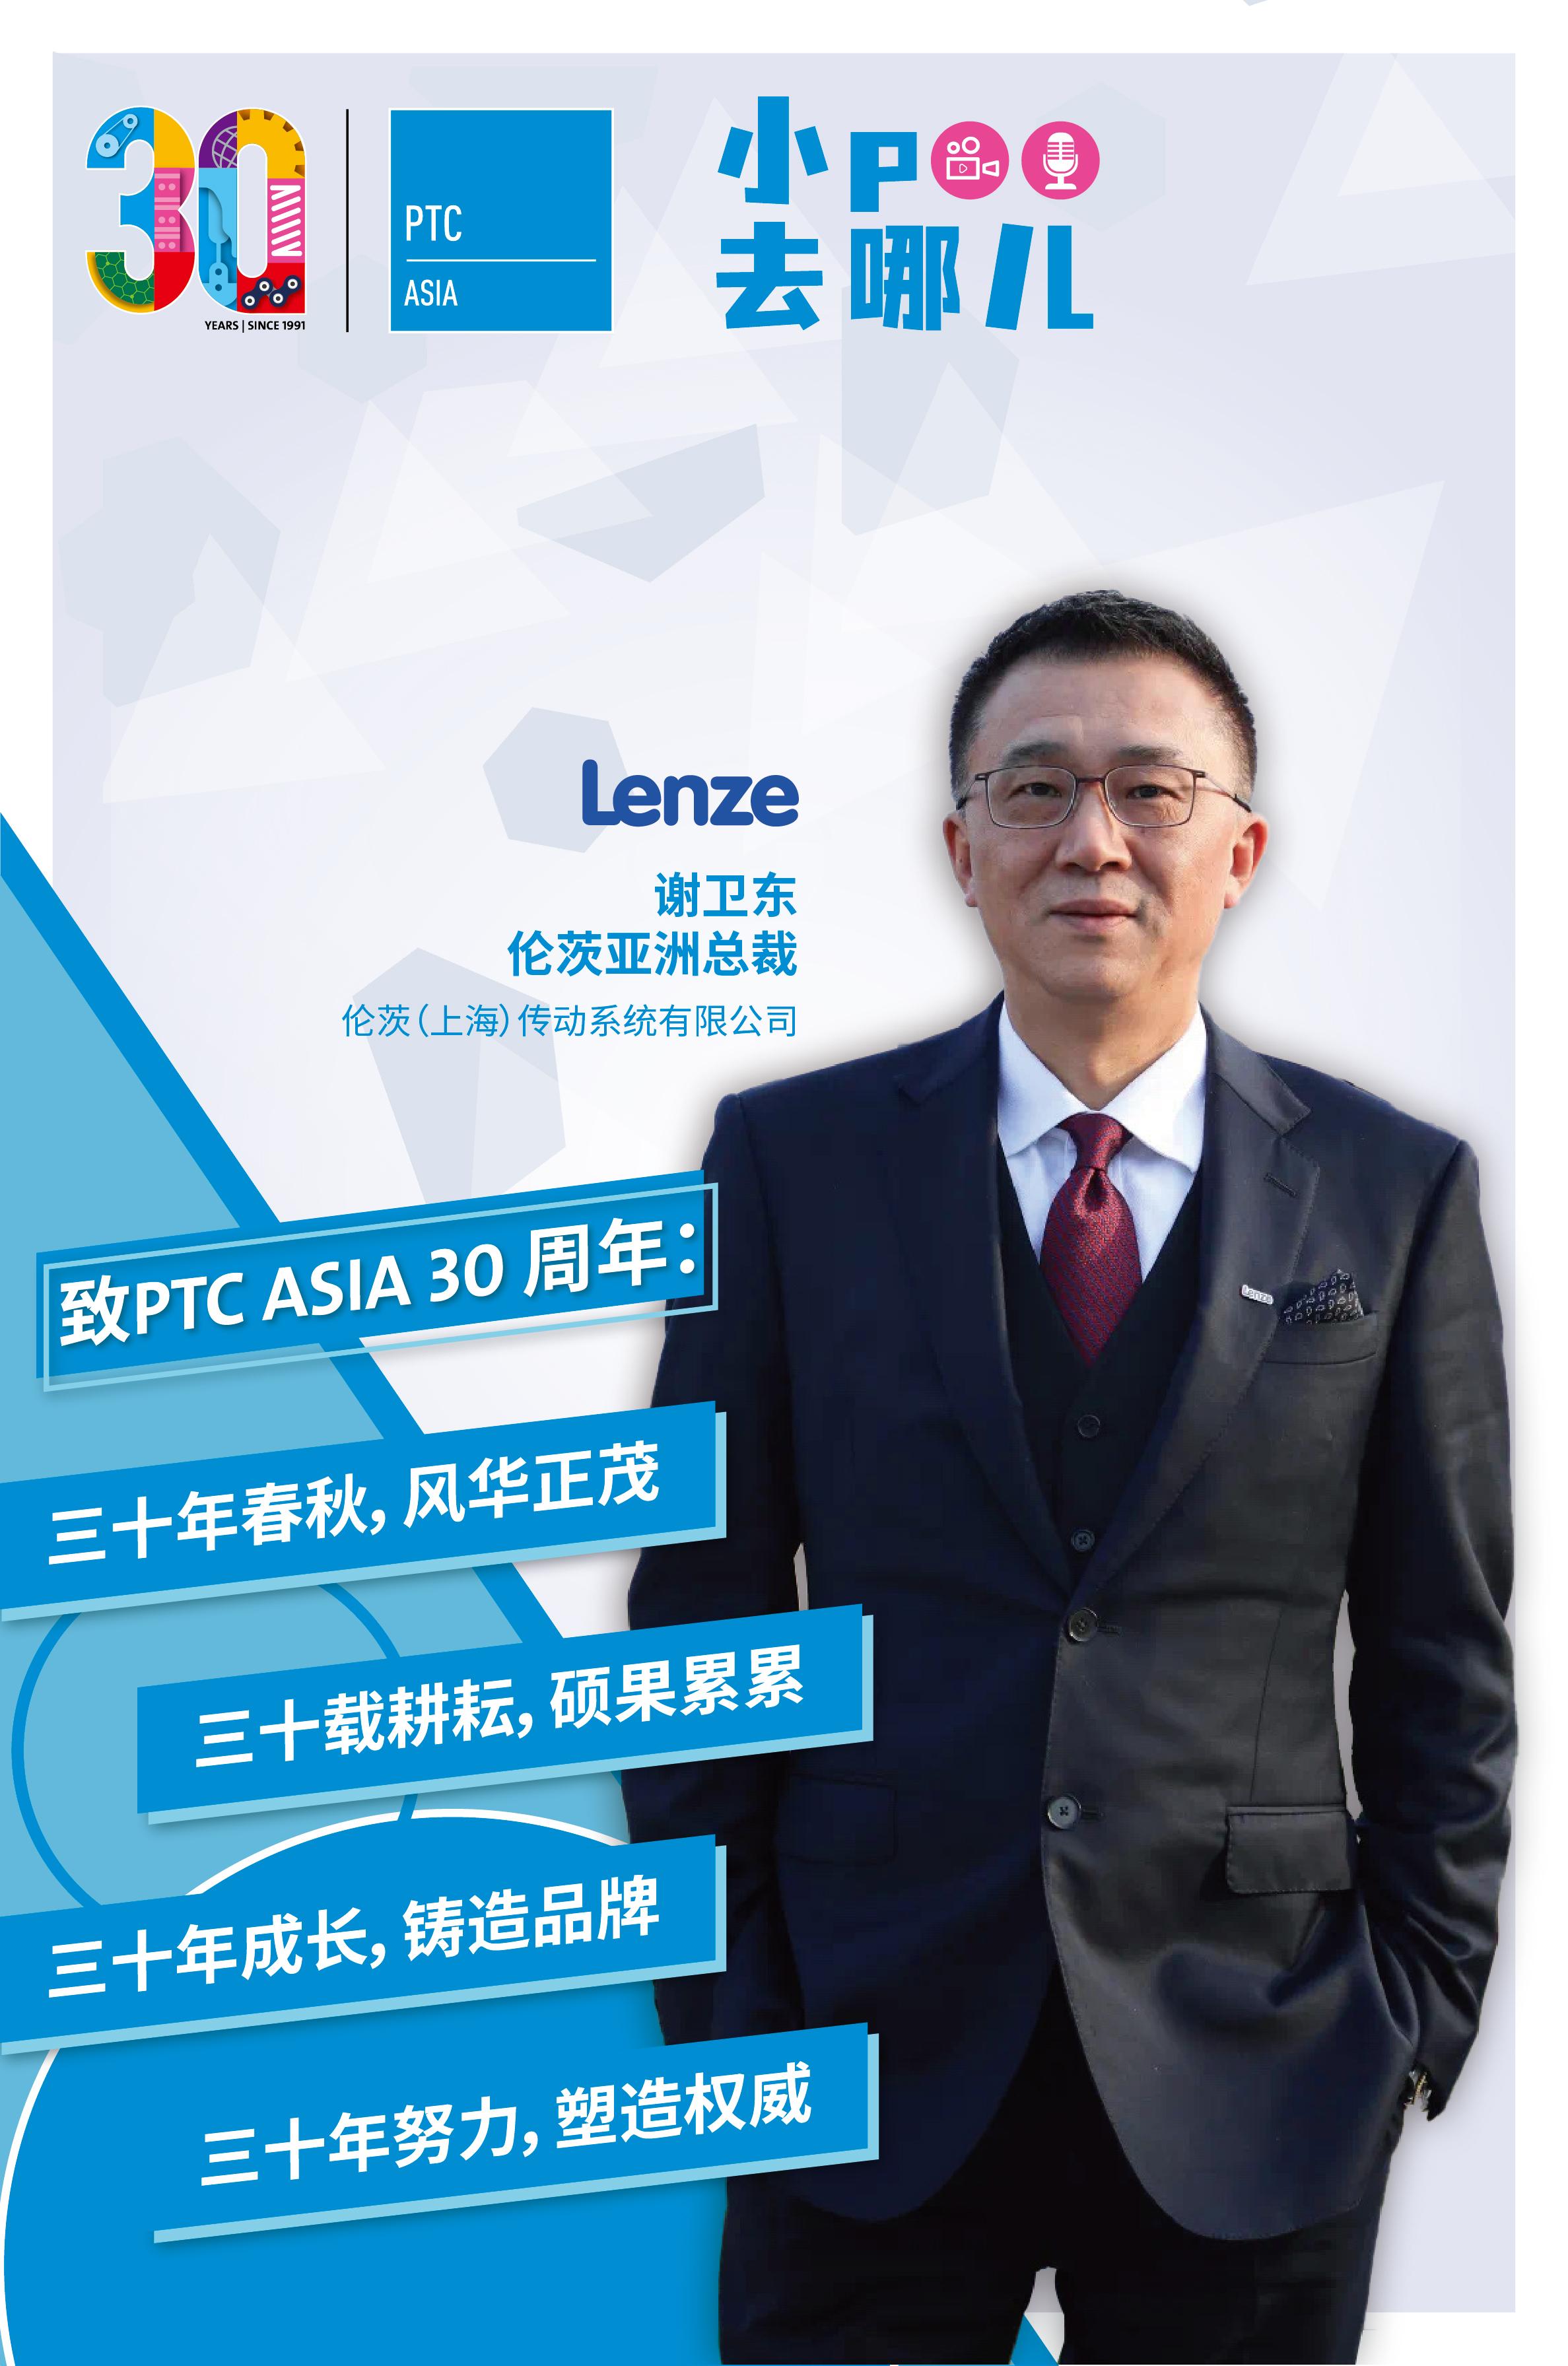 伦茨(上海)传动系统有限公司 --- 谢卫东 伦茨亚洲总裁